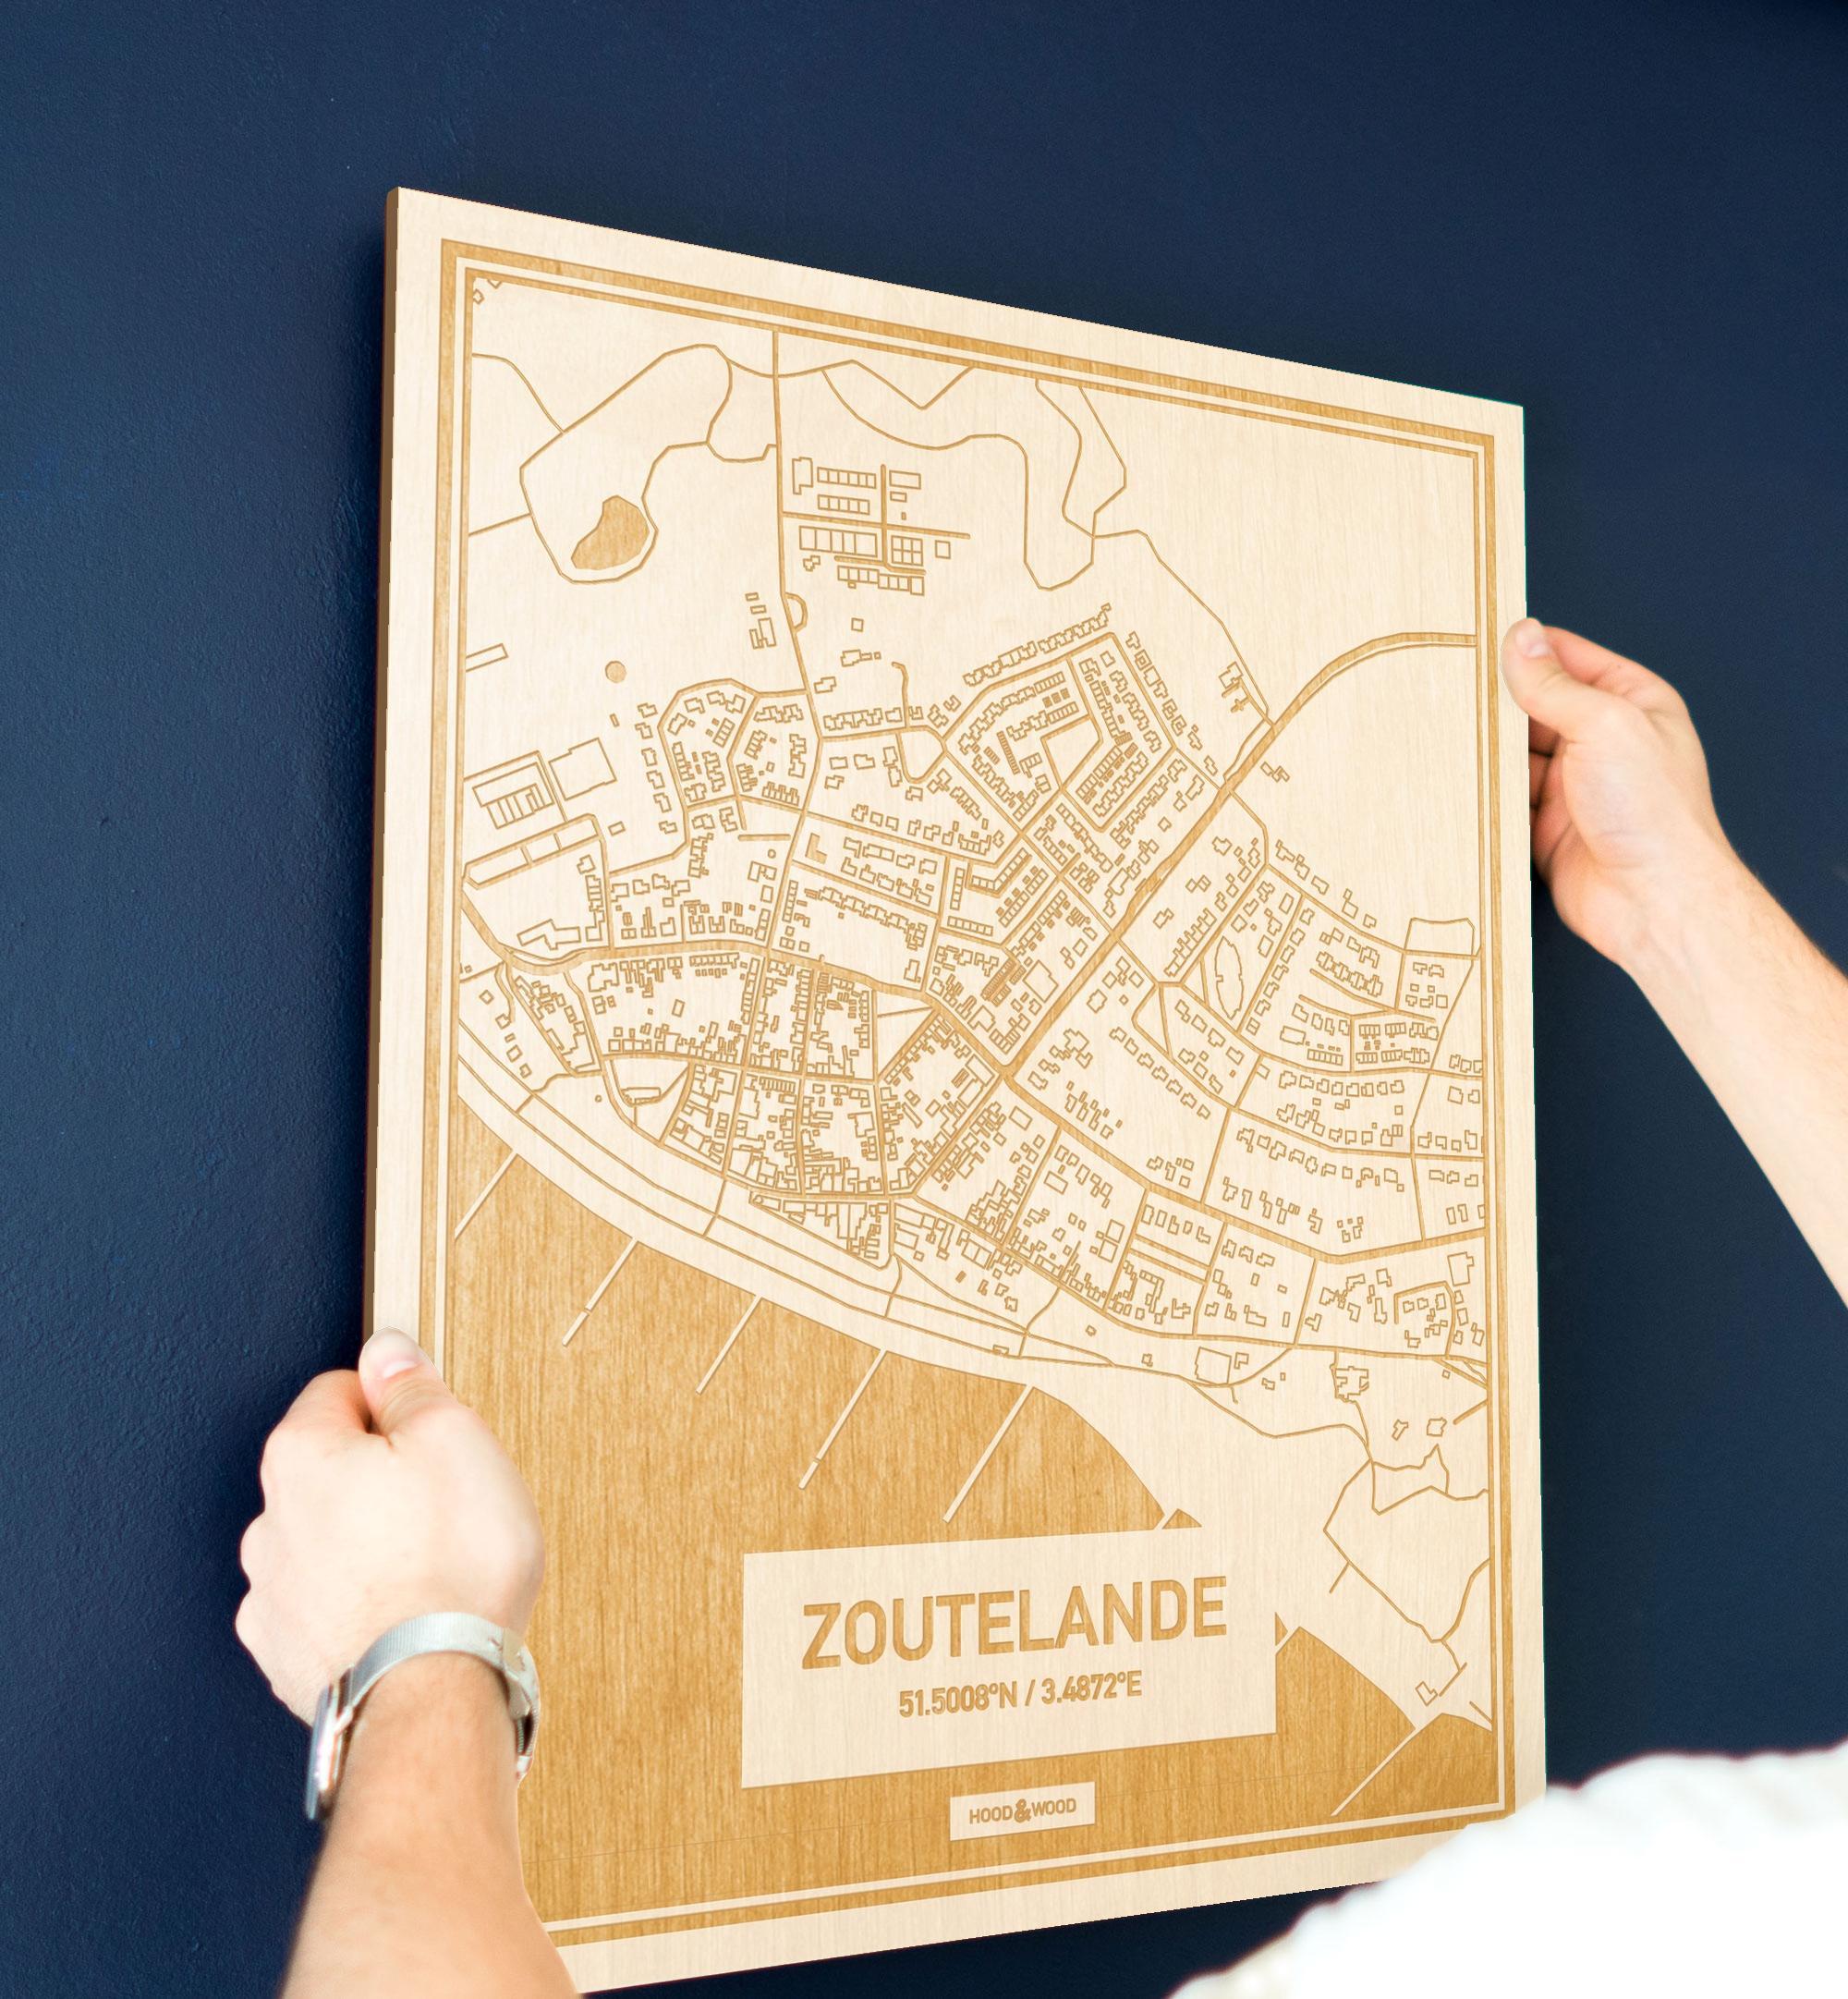 Een man hangt de houten plattegrond Zoutelande aan zijn blauwe muur ter decoratie. Je ziet alleen zijn handen de kaart van deze verrassende in Zeeland vasthouden.